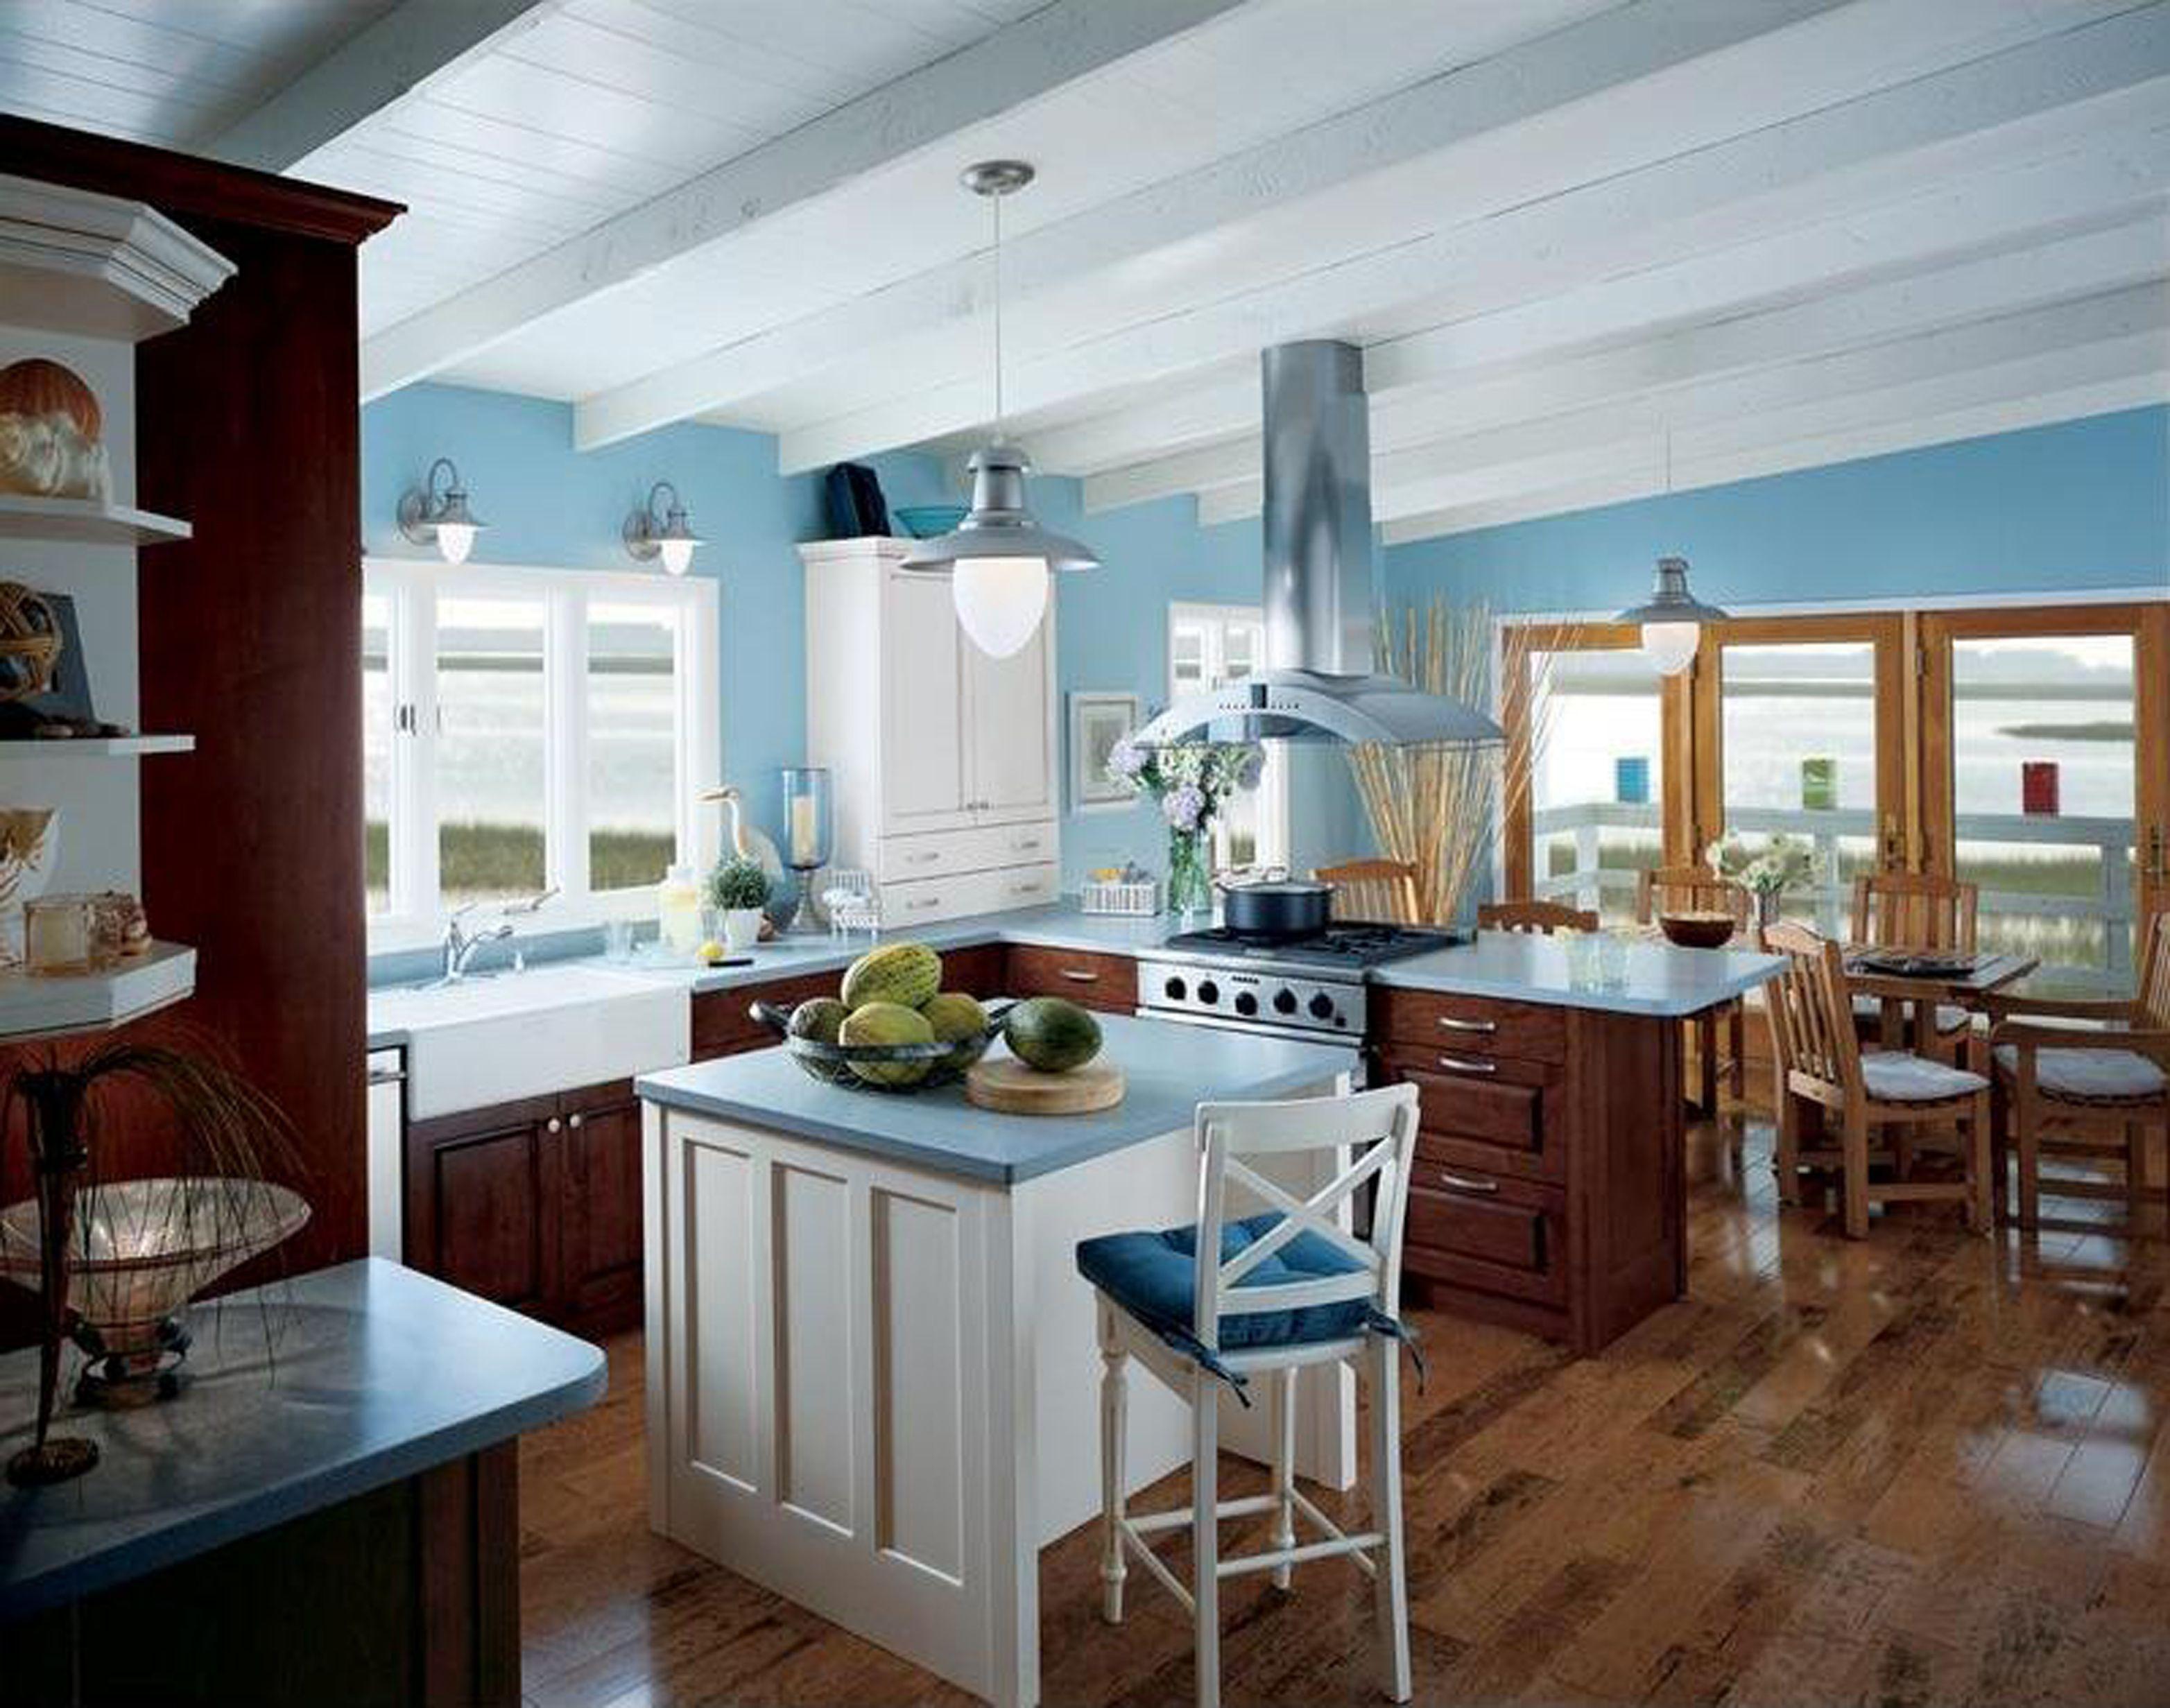 design ideas for kitchen kitchen counter design ideas kitchen design ...